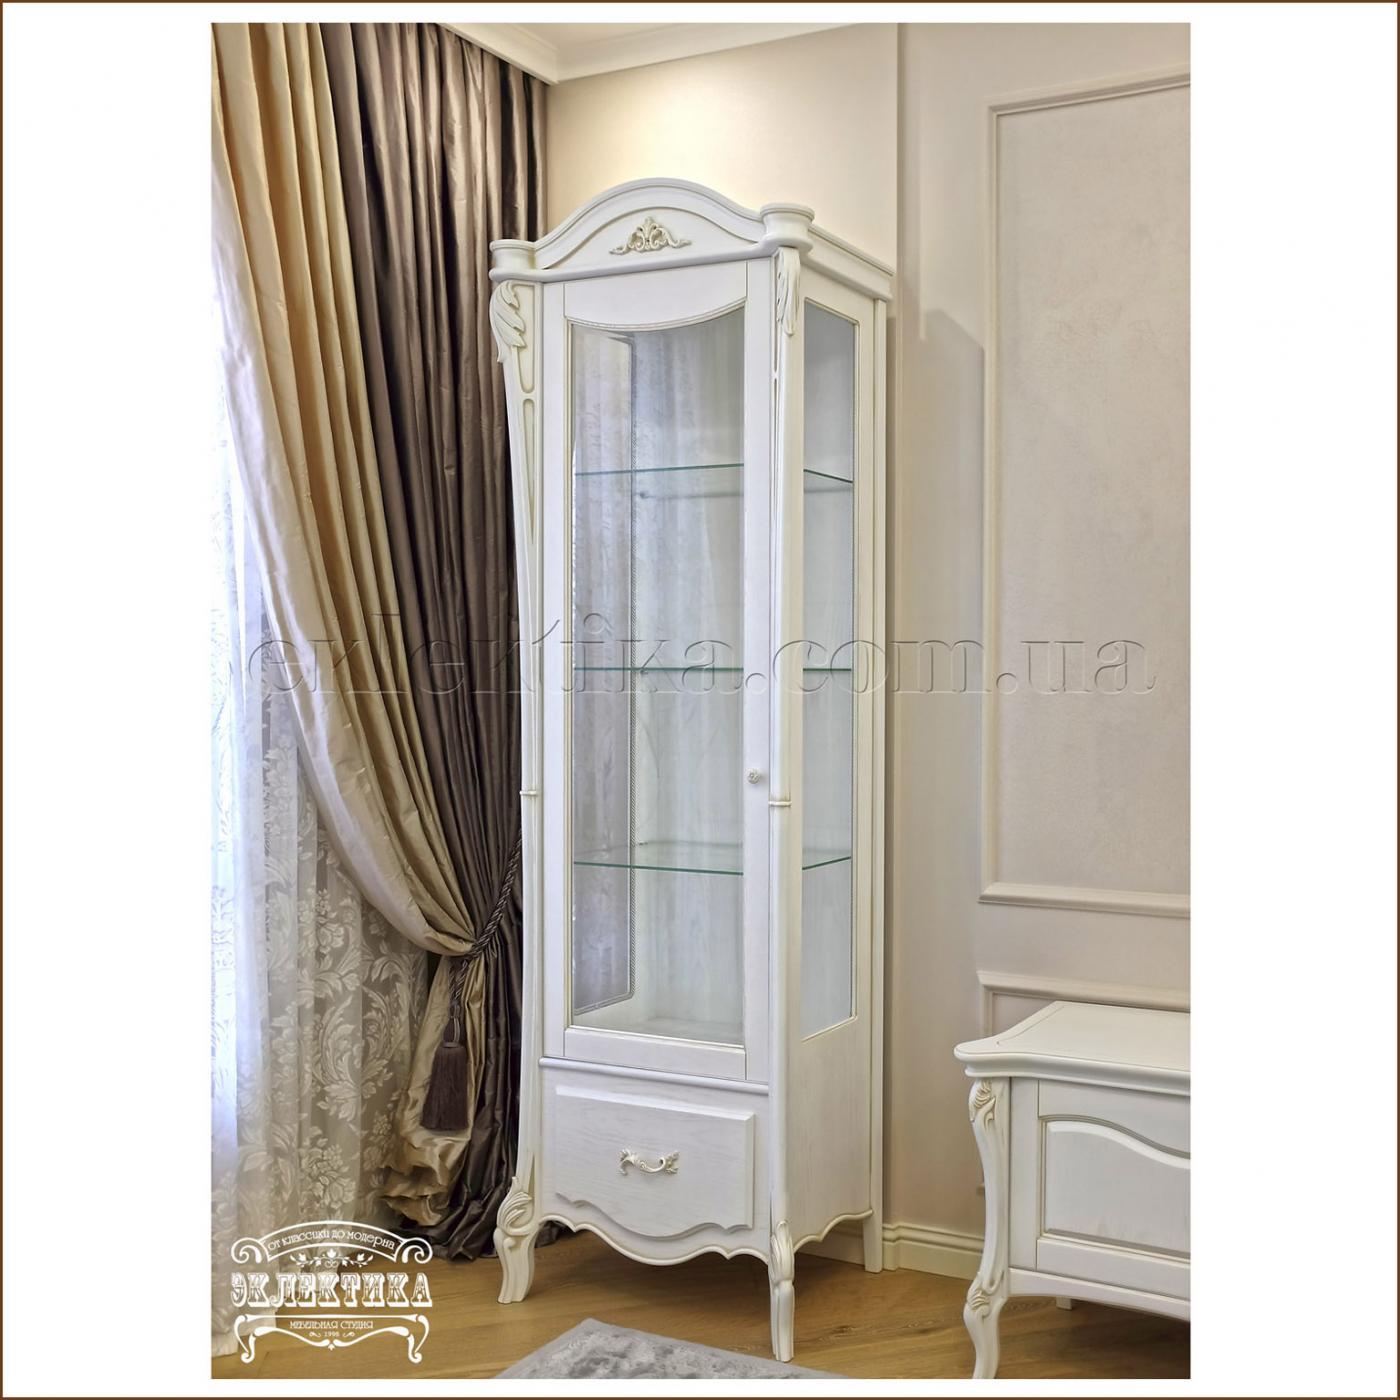 Витрина Валенсия 1 дверь 1 ящик